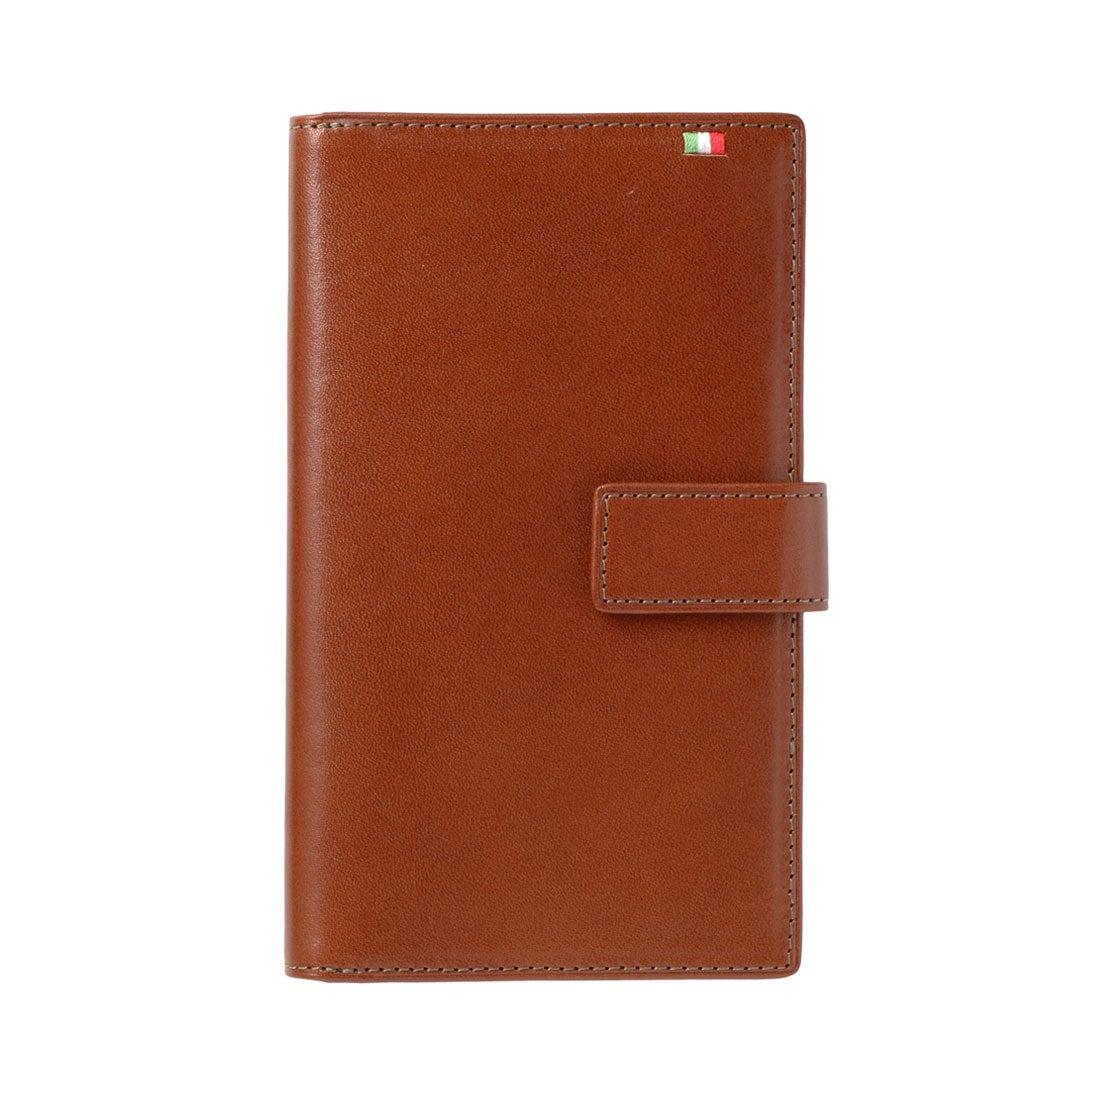 ミラグロ Milagro 30枚カード収納財布 (ブラウン/オレンジ)